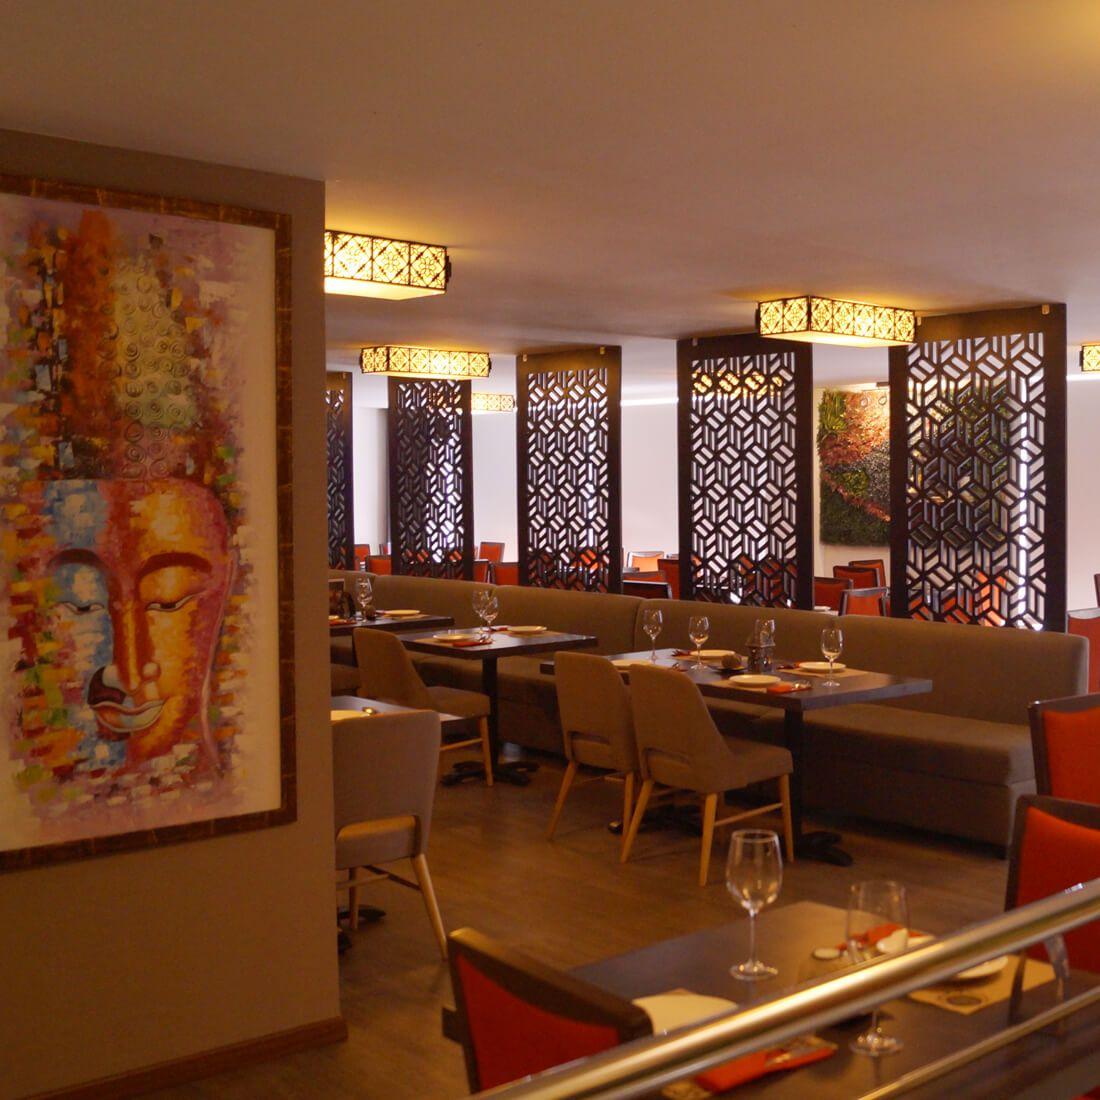 SOHO THAI Restaurante - Reserva en restaurantes de Comida THAI - SANTIAGO CENTRO - MESA 24/7 | SANTIAGO - Perú